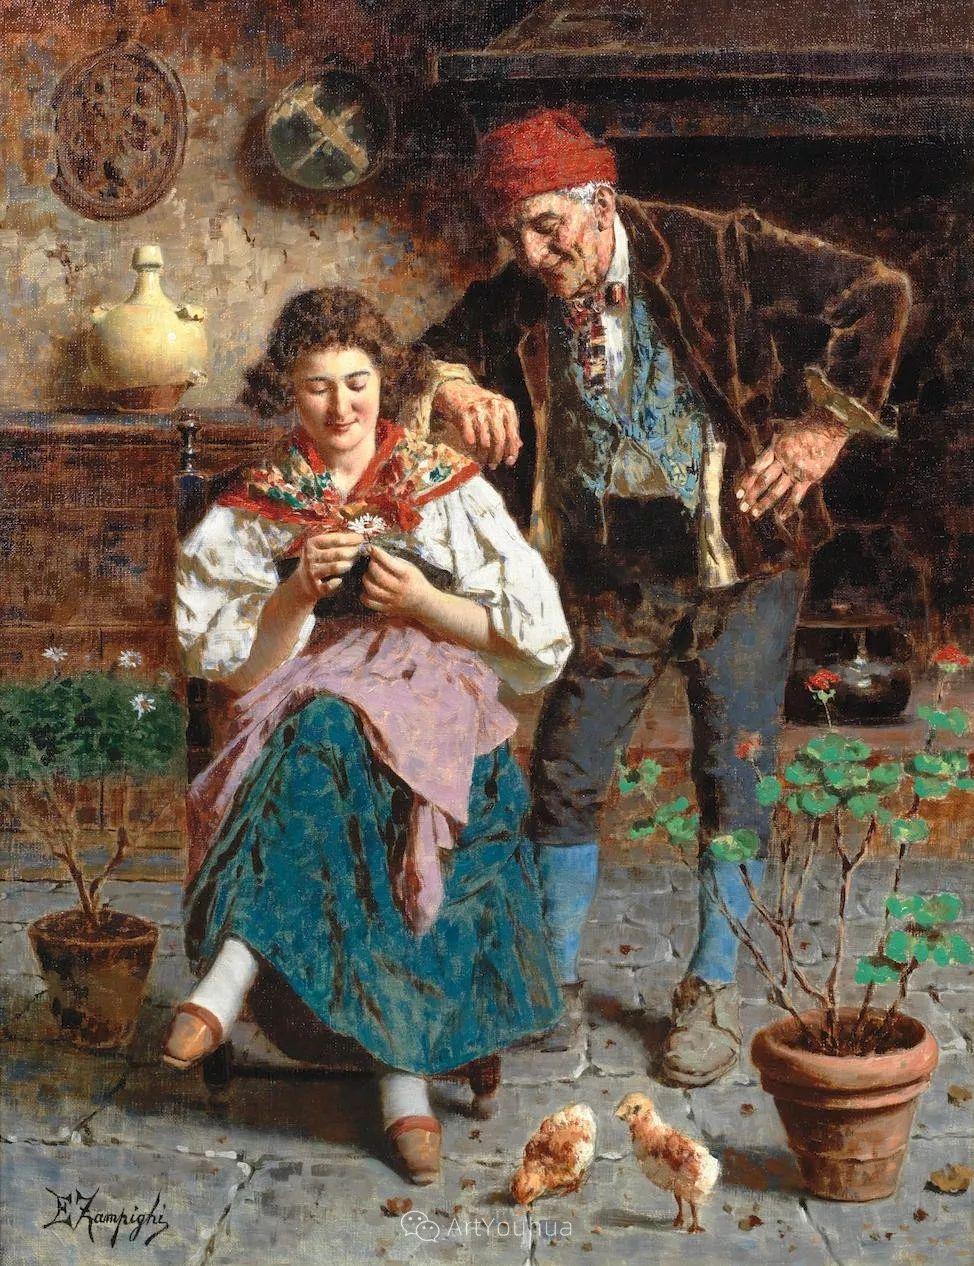 他把普通人的生活,画得如此欢乐、温馨、幸福,意大利画家Eugenio Zampighi插图10